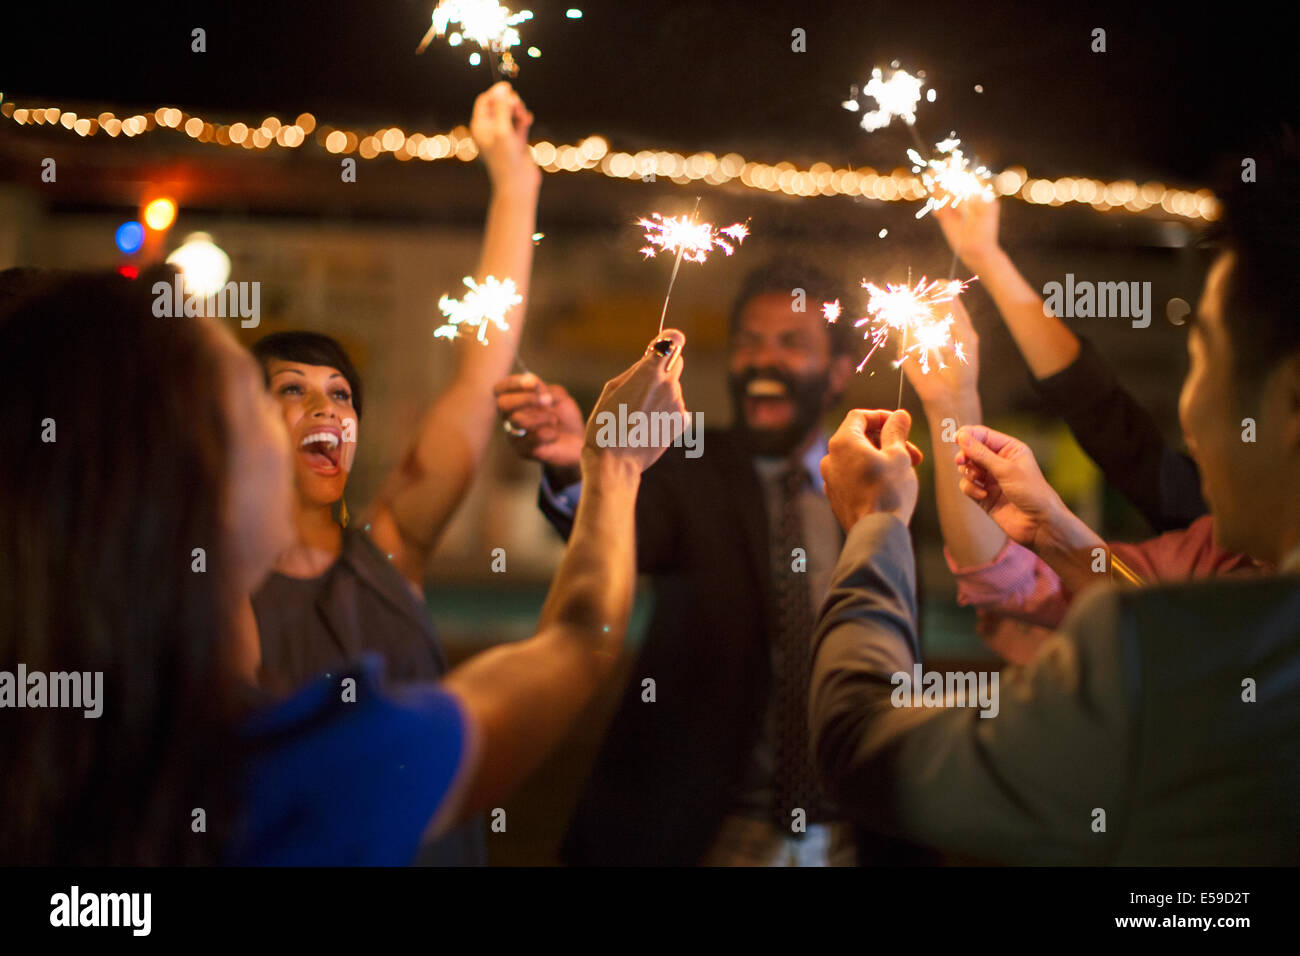 Freunde mit Wunderkerzen auf Party Spielen Stockfoto